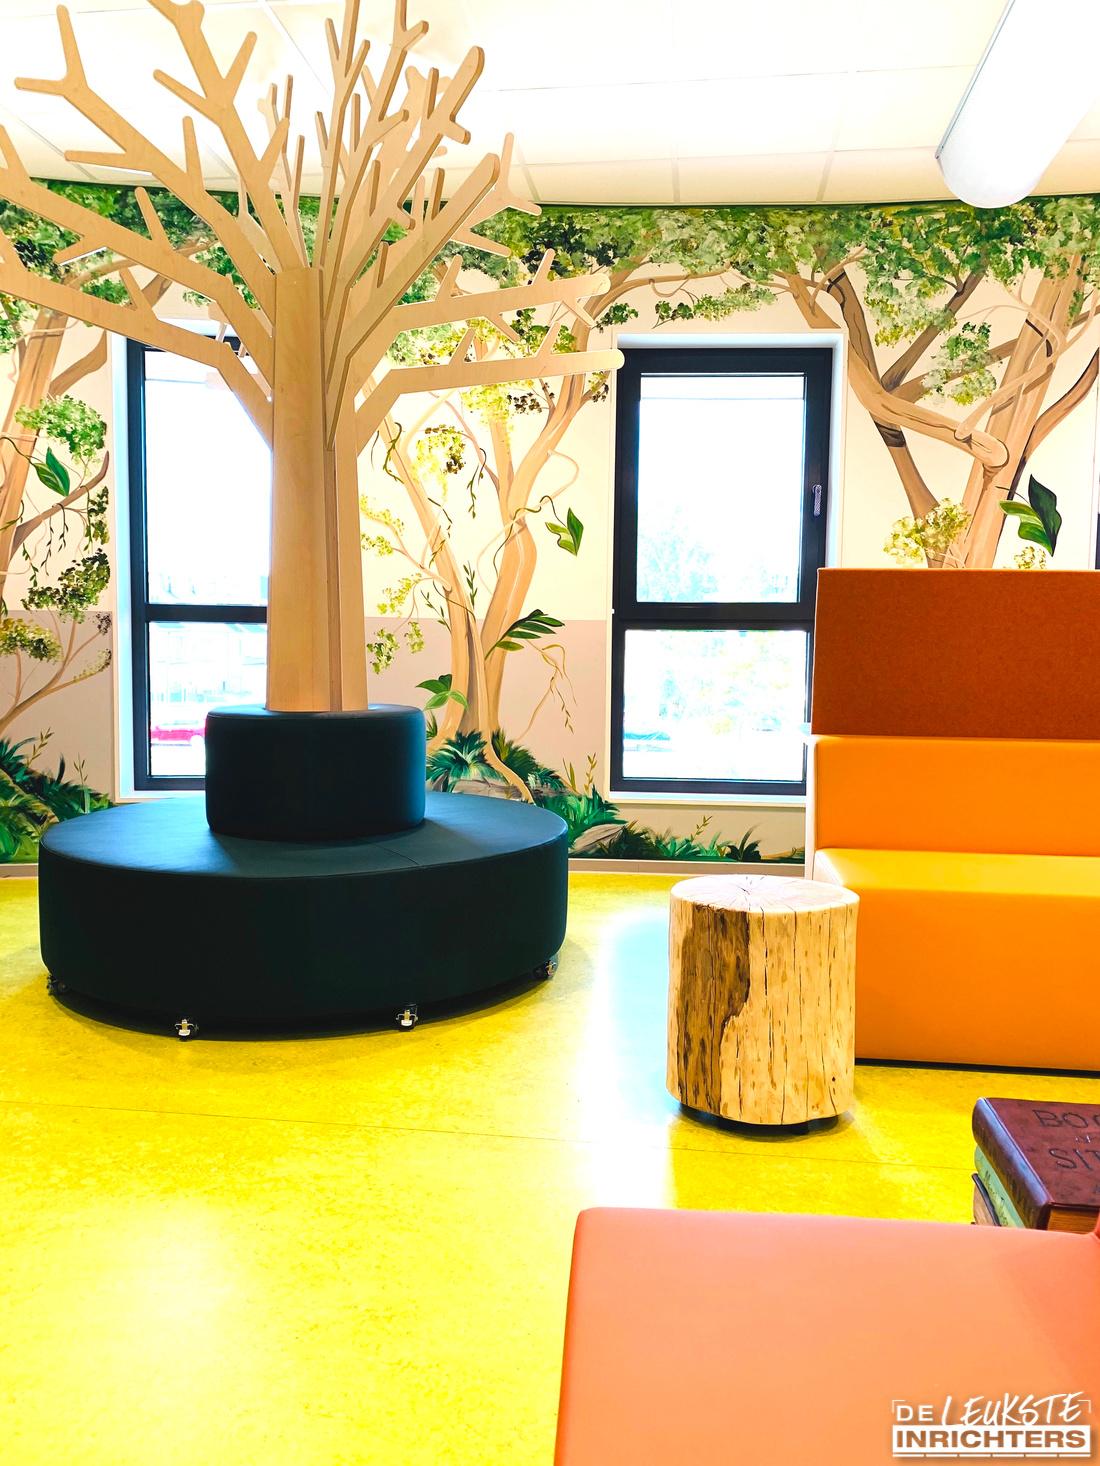 An Noer inrichting bibliotheek zitelement boombank